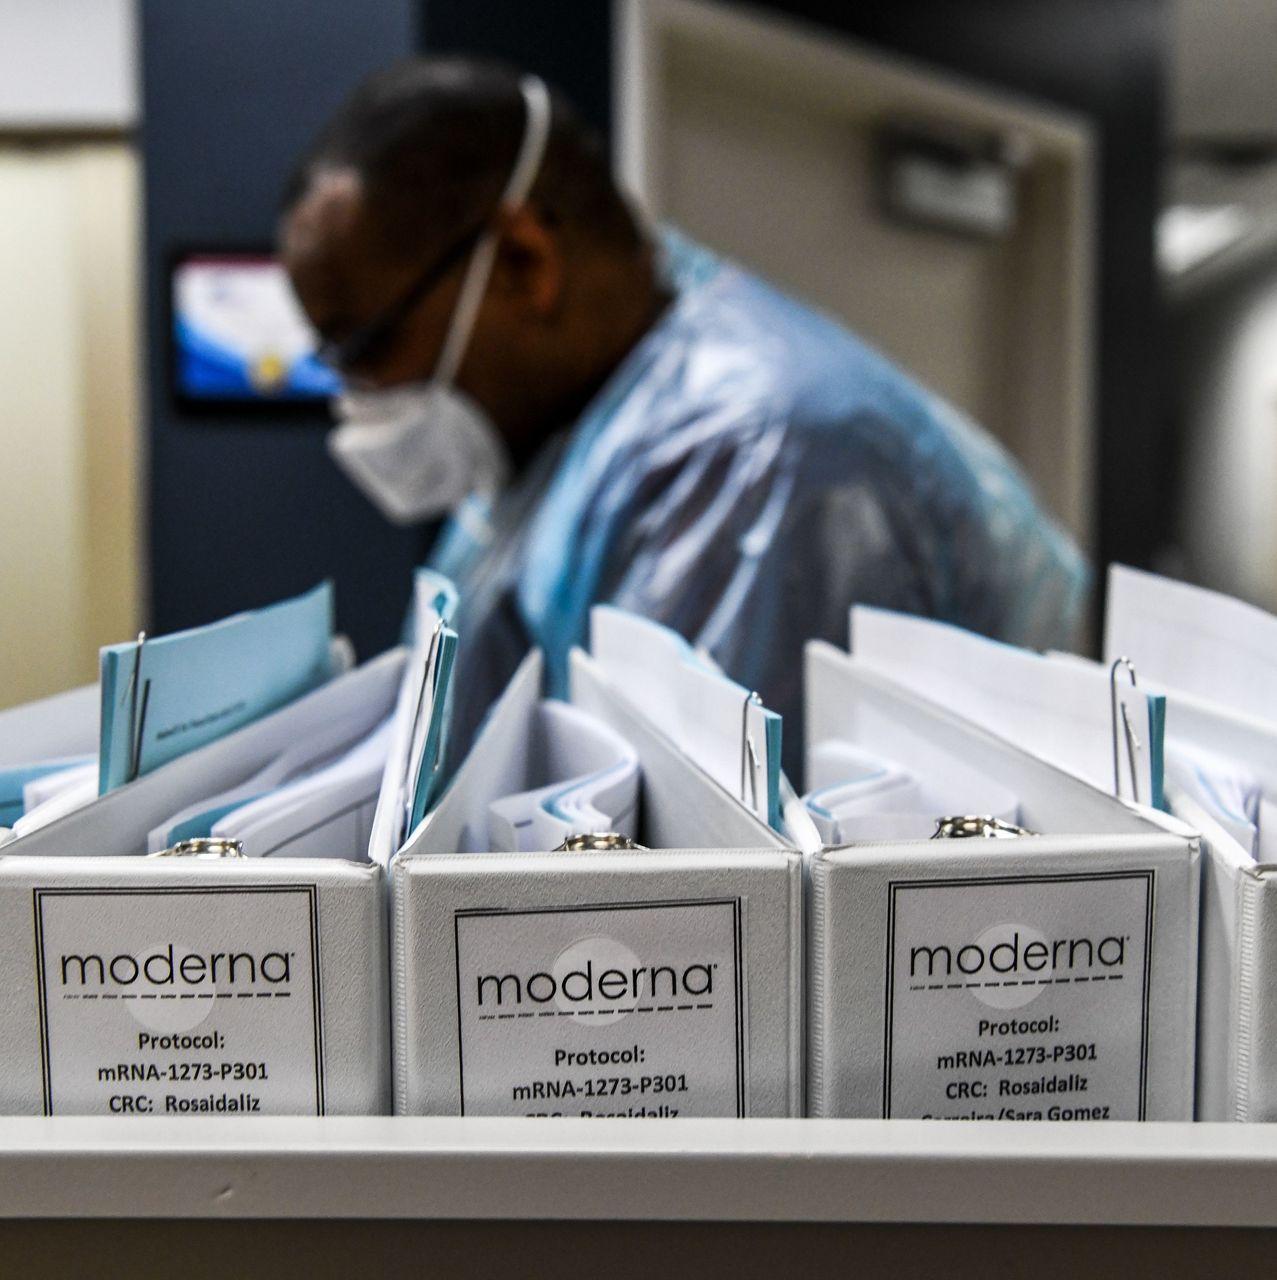 Kompania amerikane Moderna thotë se krijuar vaksinën anticovid, është 94, 5% efektive